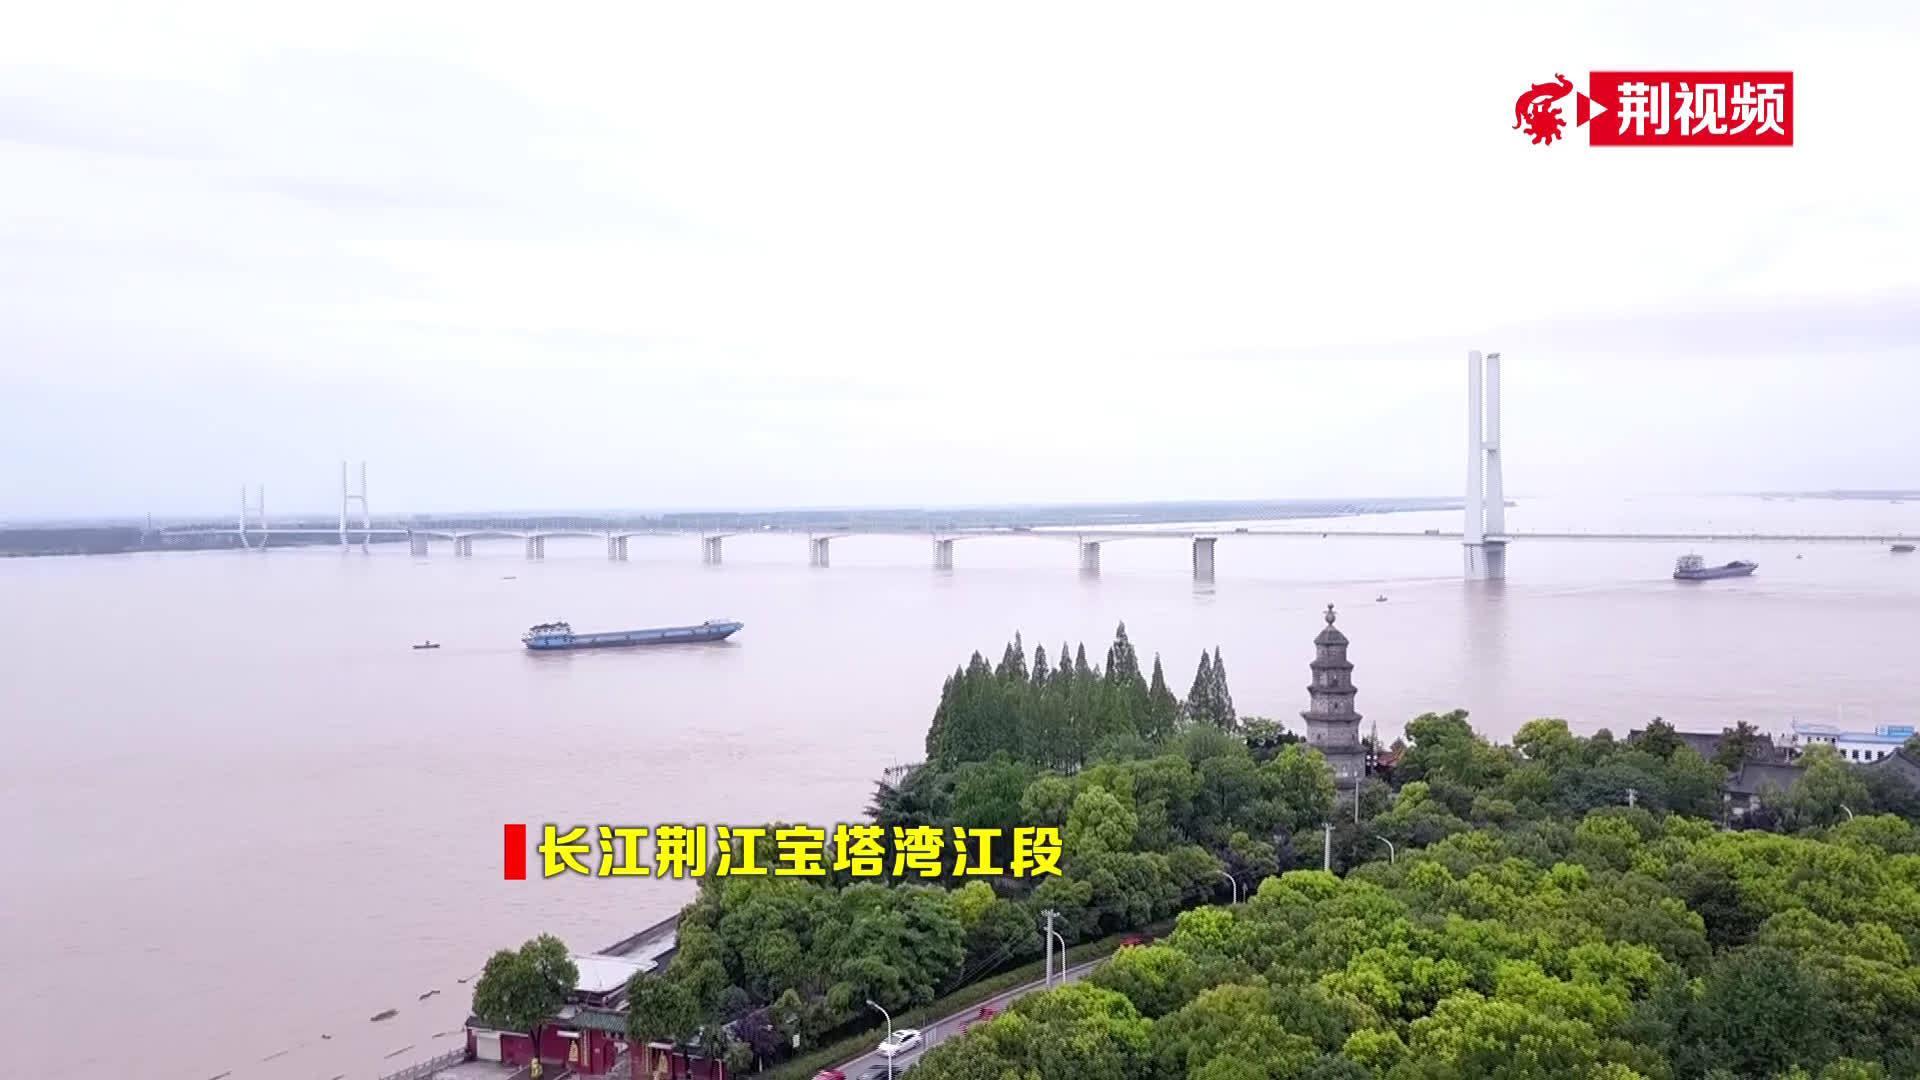 近日,湖北省荆州市迎来了多轮强降雨,防汛面临着严峻的考验